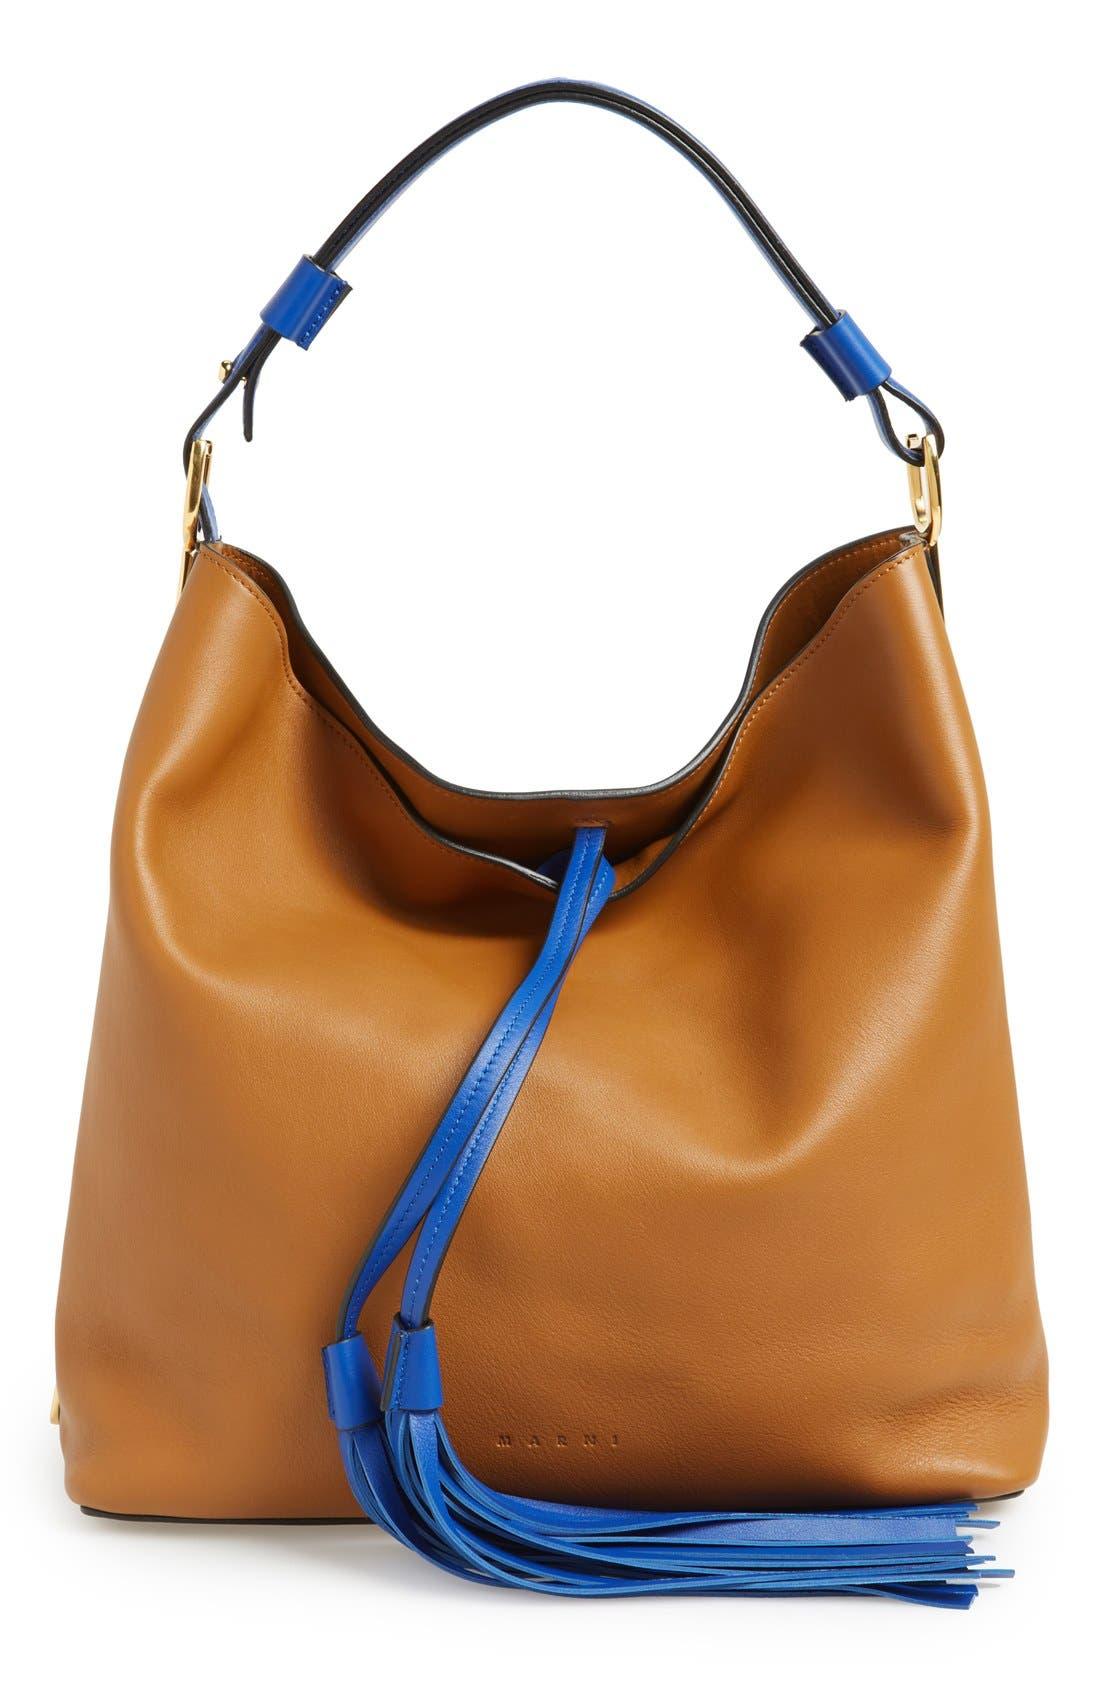 Alternate Image 1 Selected - Marni Tasseled Leather Shoulder Bag